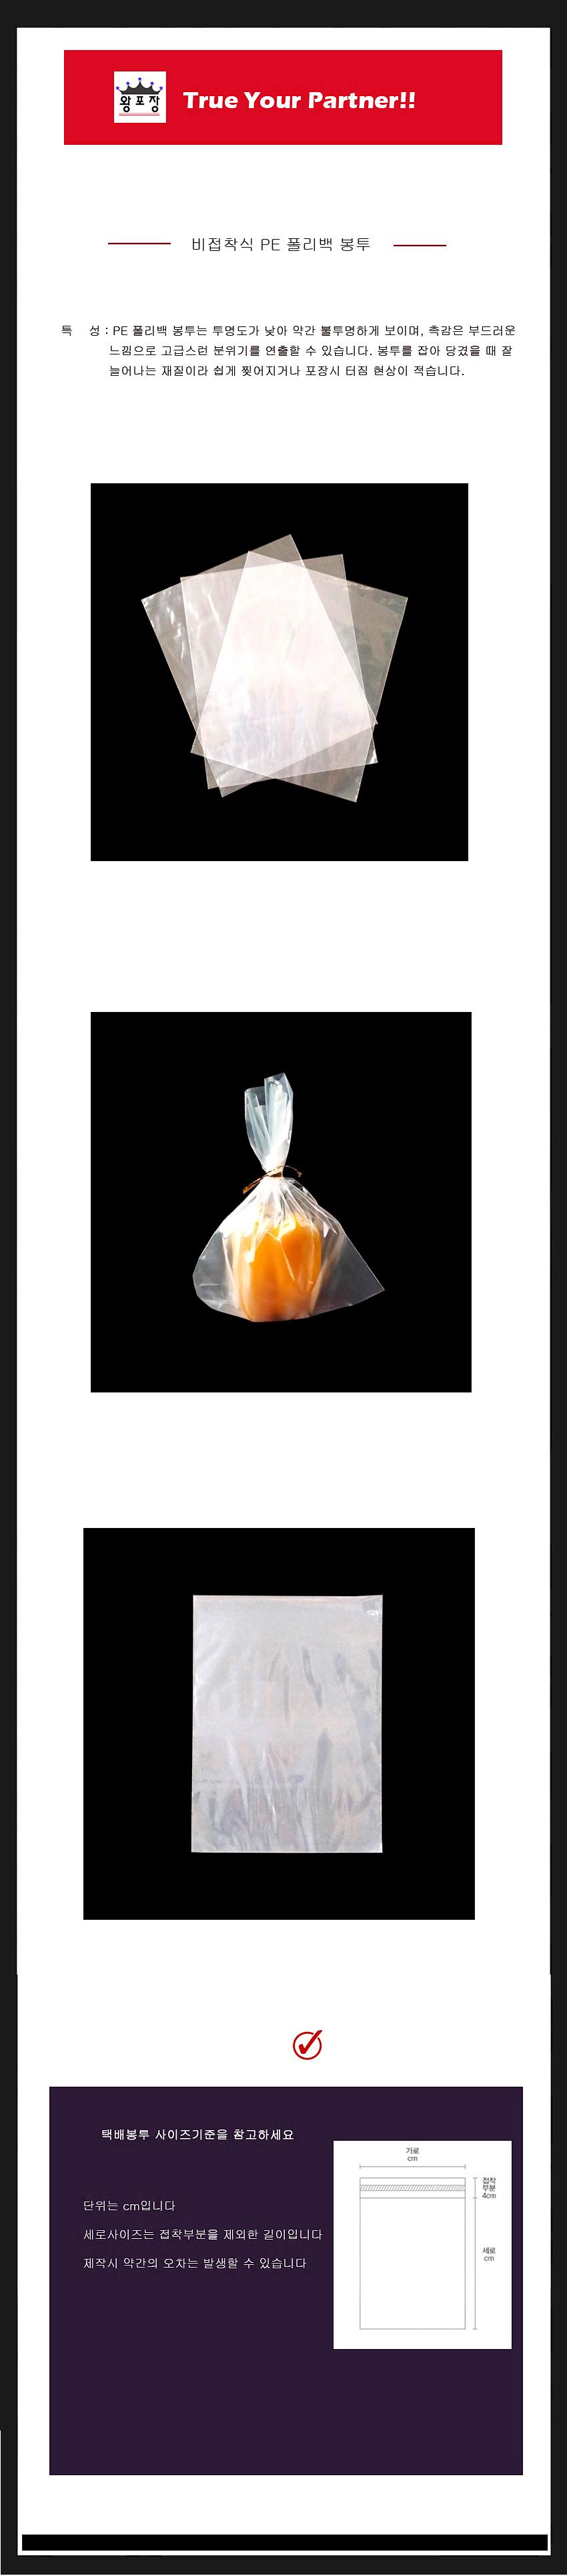 비접착 PE봉투 PE포리백 비닐 폴리백 10X25cm 200장5,340원-니모키즈디자인문구, 선물포장, 비닐/폴리, OPP봉투바보사랑비접착 PE봉투 PE포리백 비닐 폴리백 10X25cm 200장5,340원-니모키즈디자인문구, 선물포장, 비닐/폴리, OPP봉투바보사랑